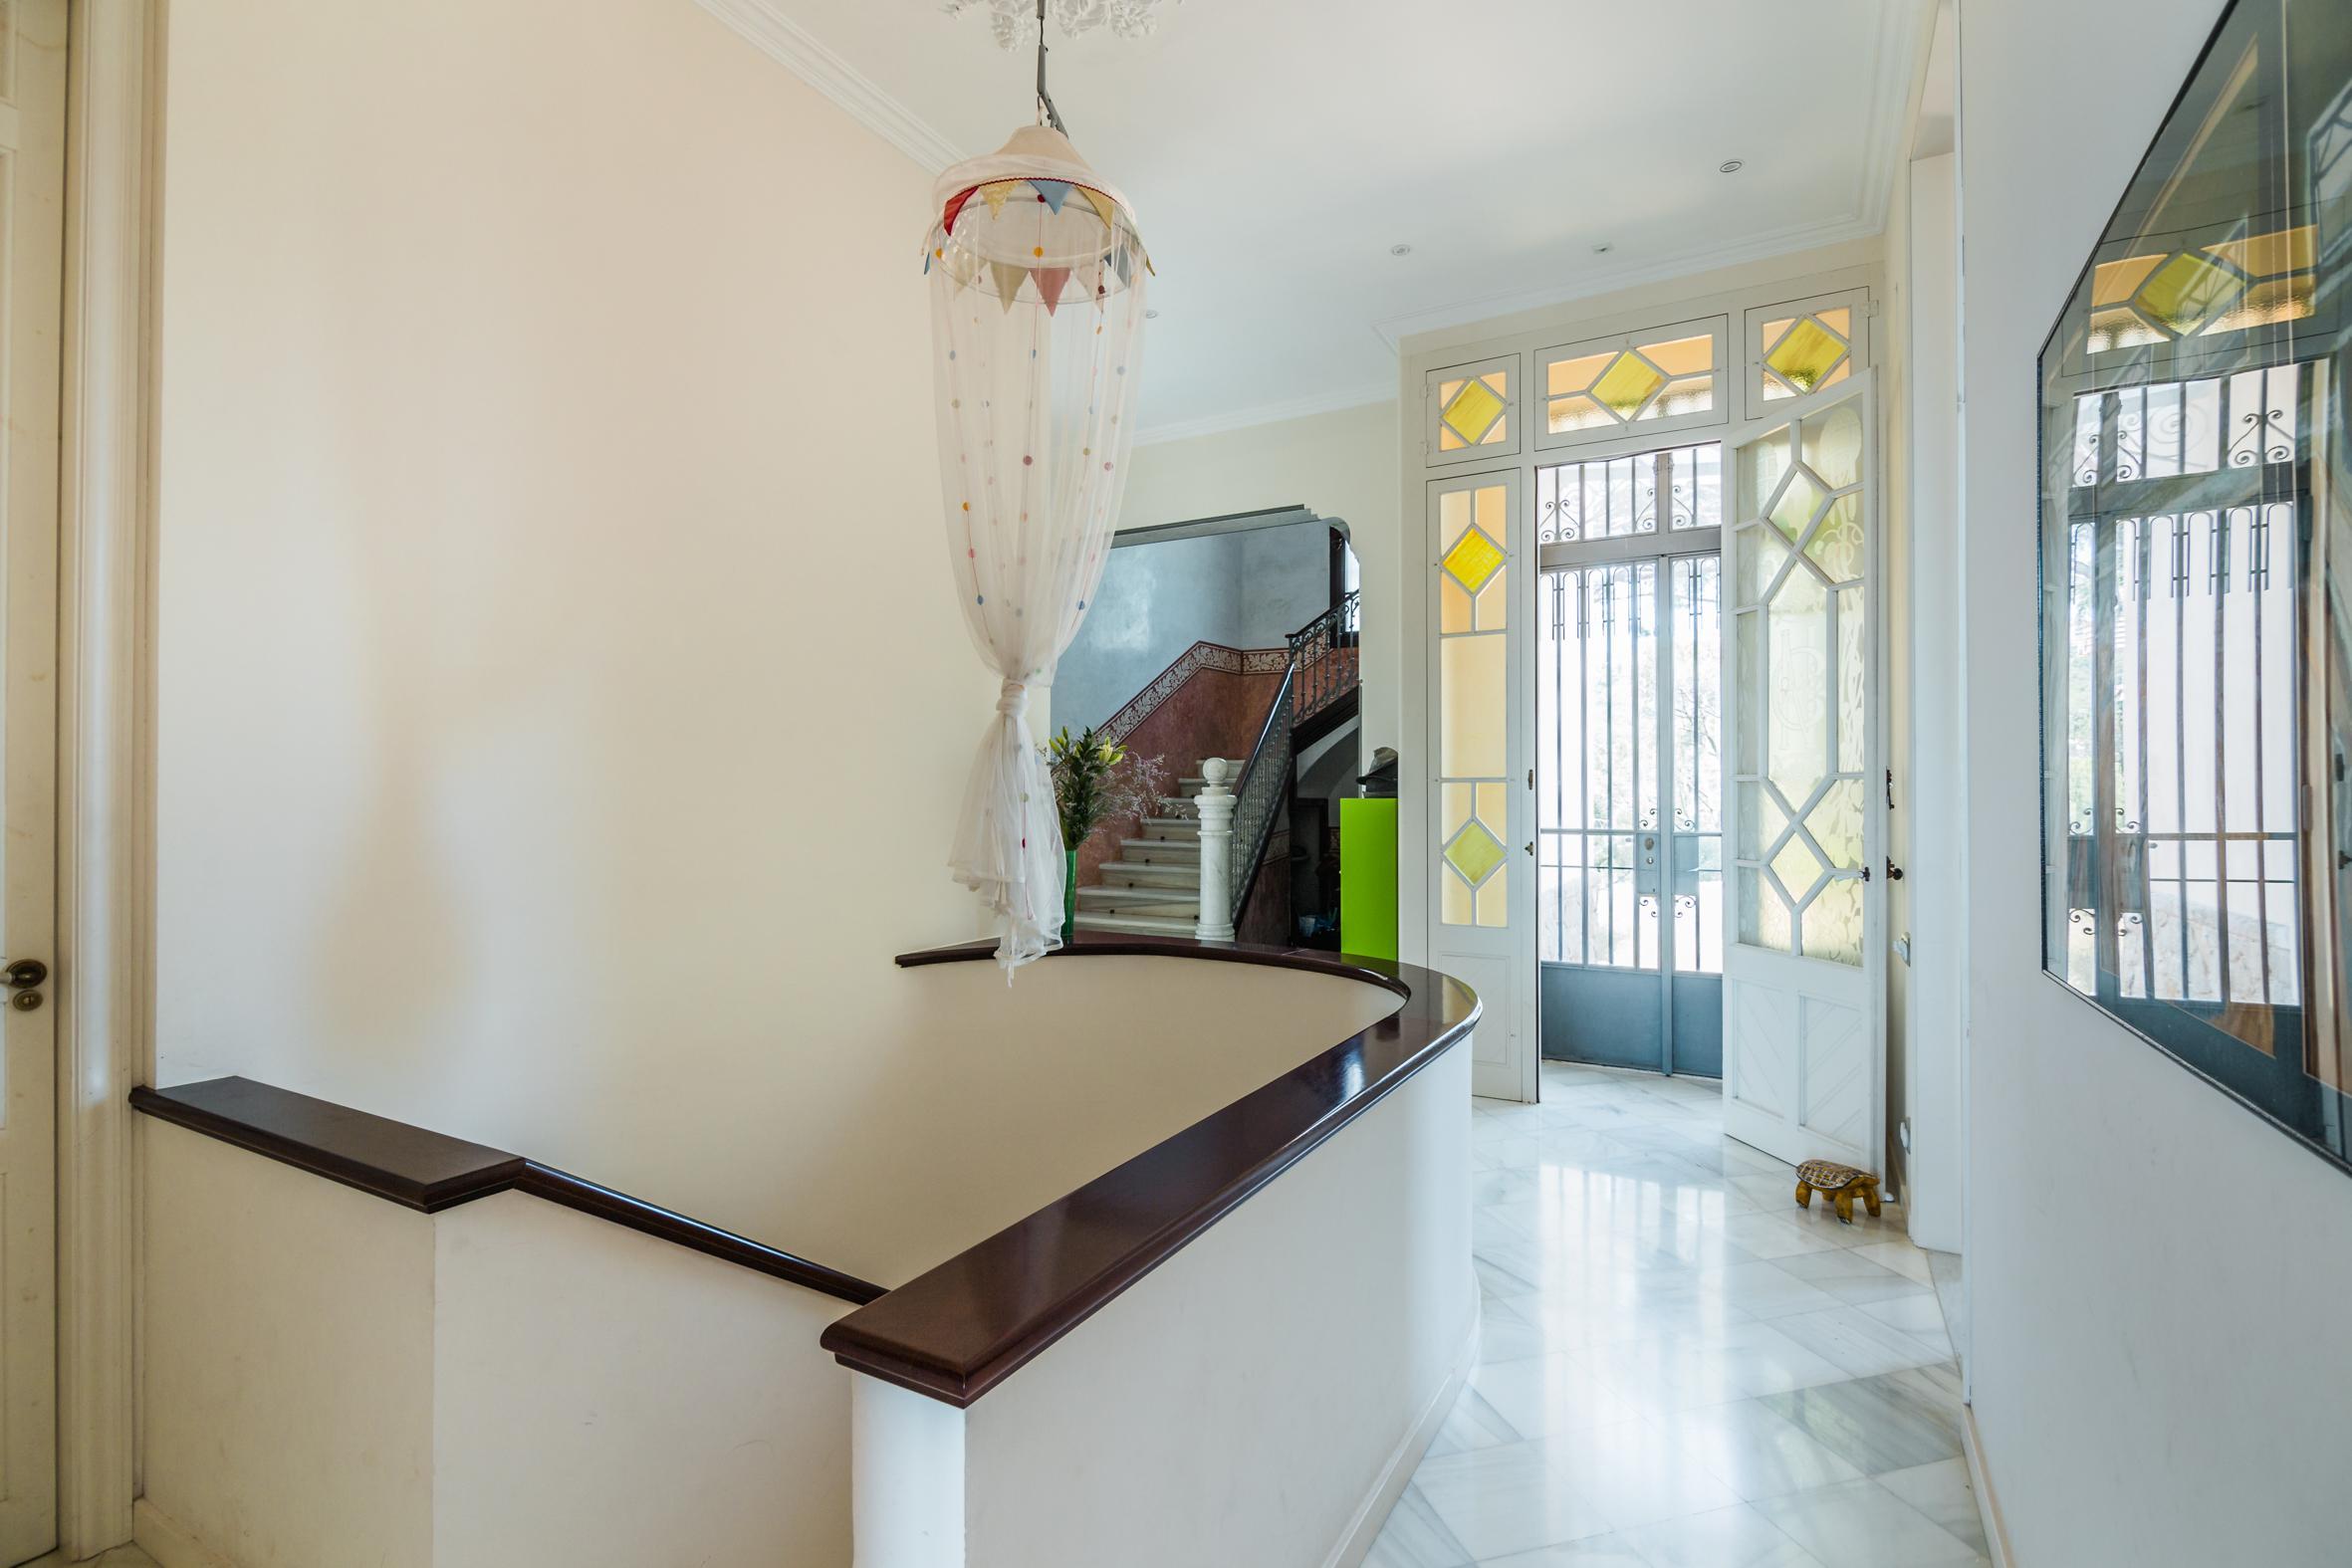 208148 Casa Aislada en venta en Sarrià-Sant Gervasi, Sarrià 6